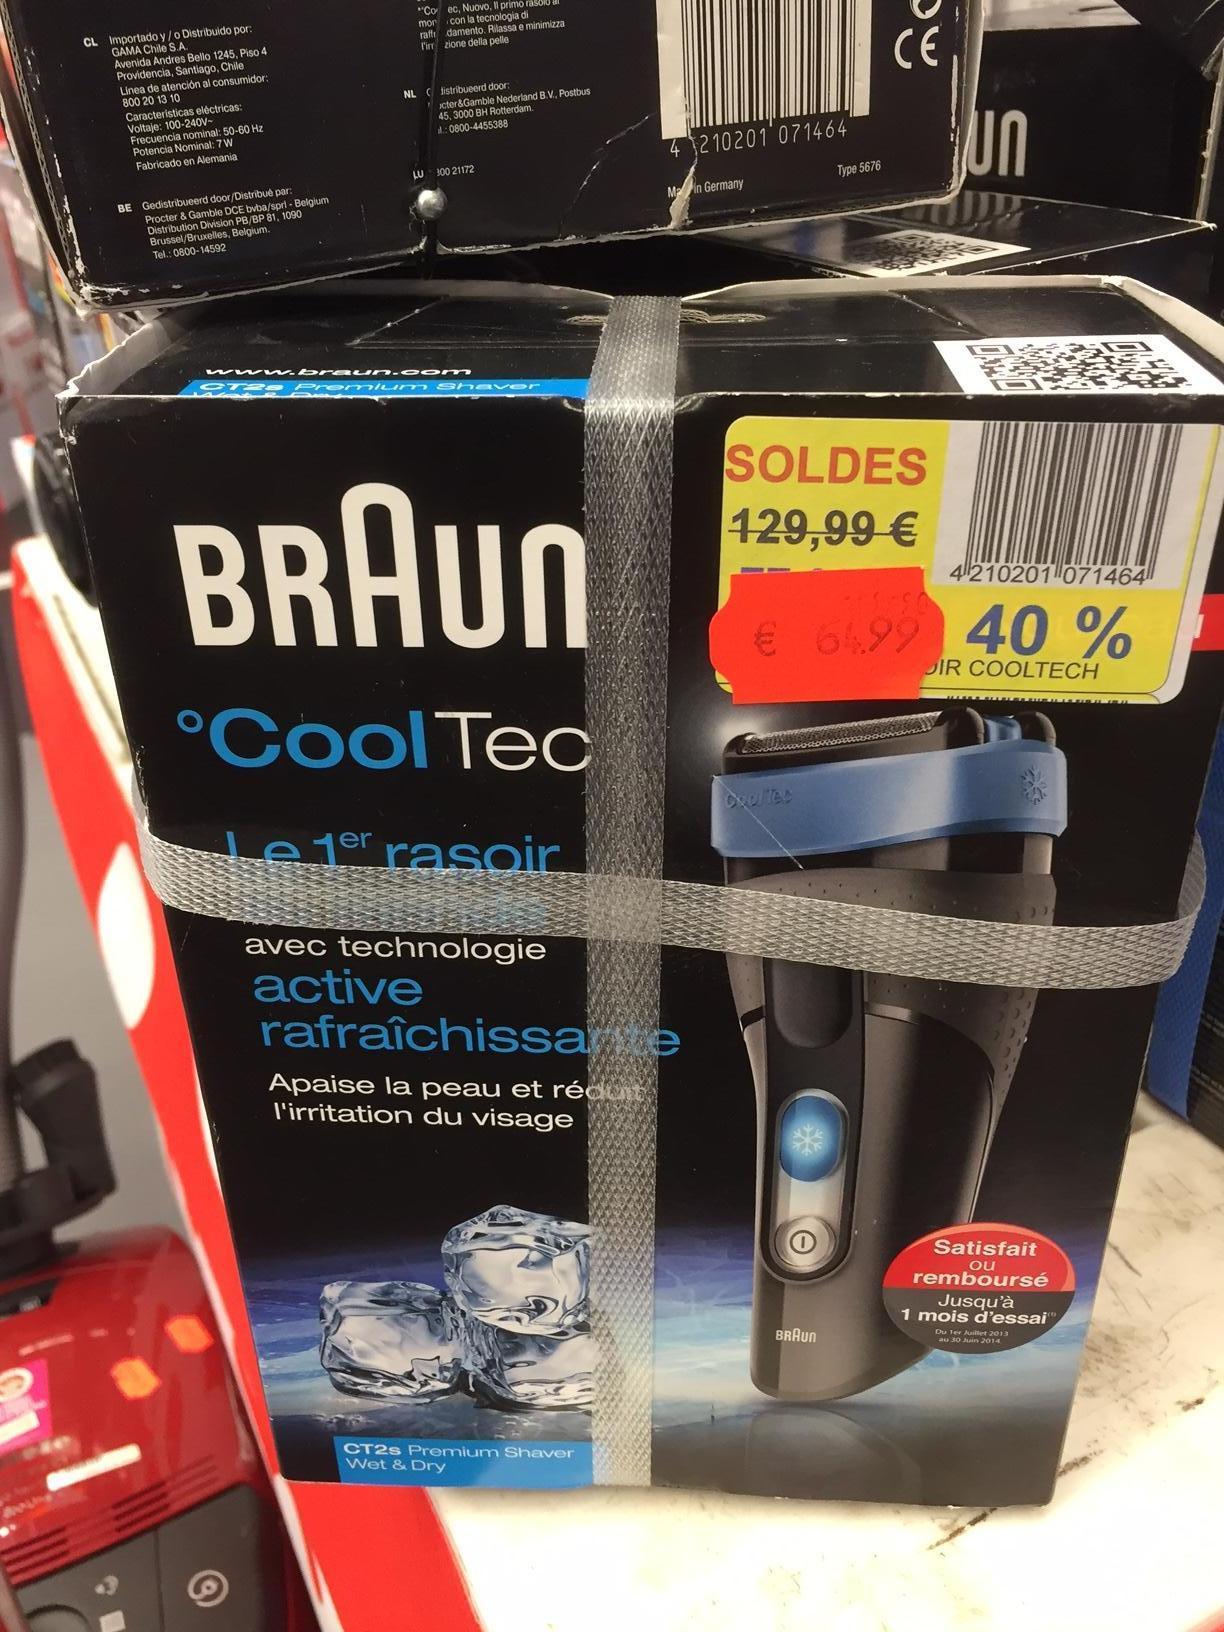 Rasoir électrique Braun CoolTec CT2s